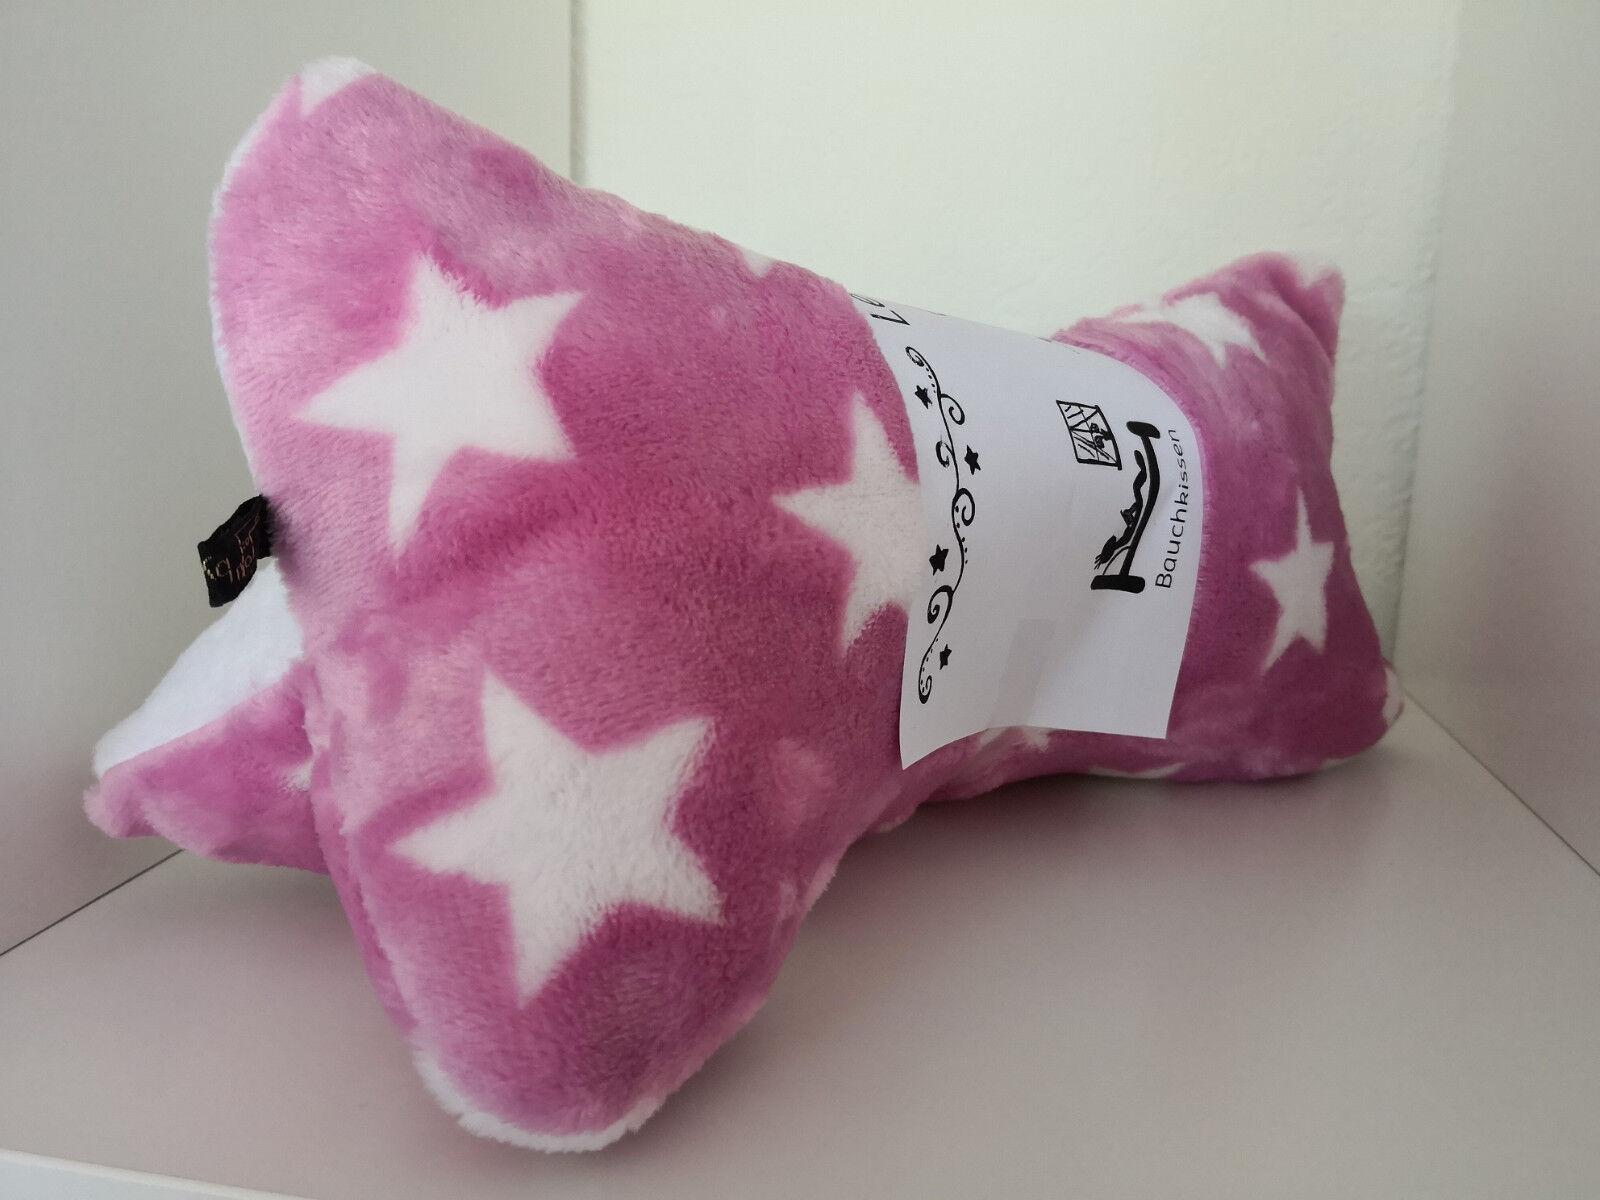 Leseknochen*Nackenkissen*Stützkissen*Reisekissen Kuschel-Sterne Rosa-Weiss Neu